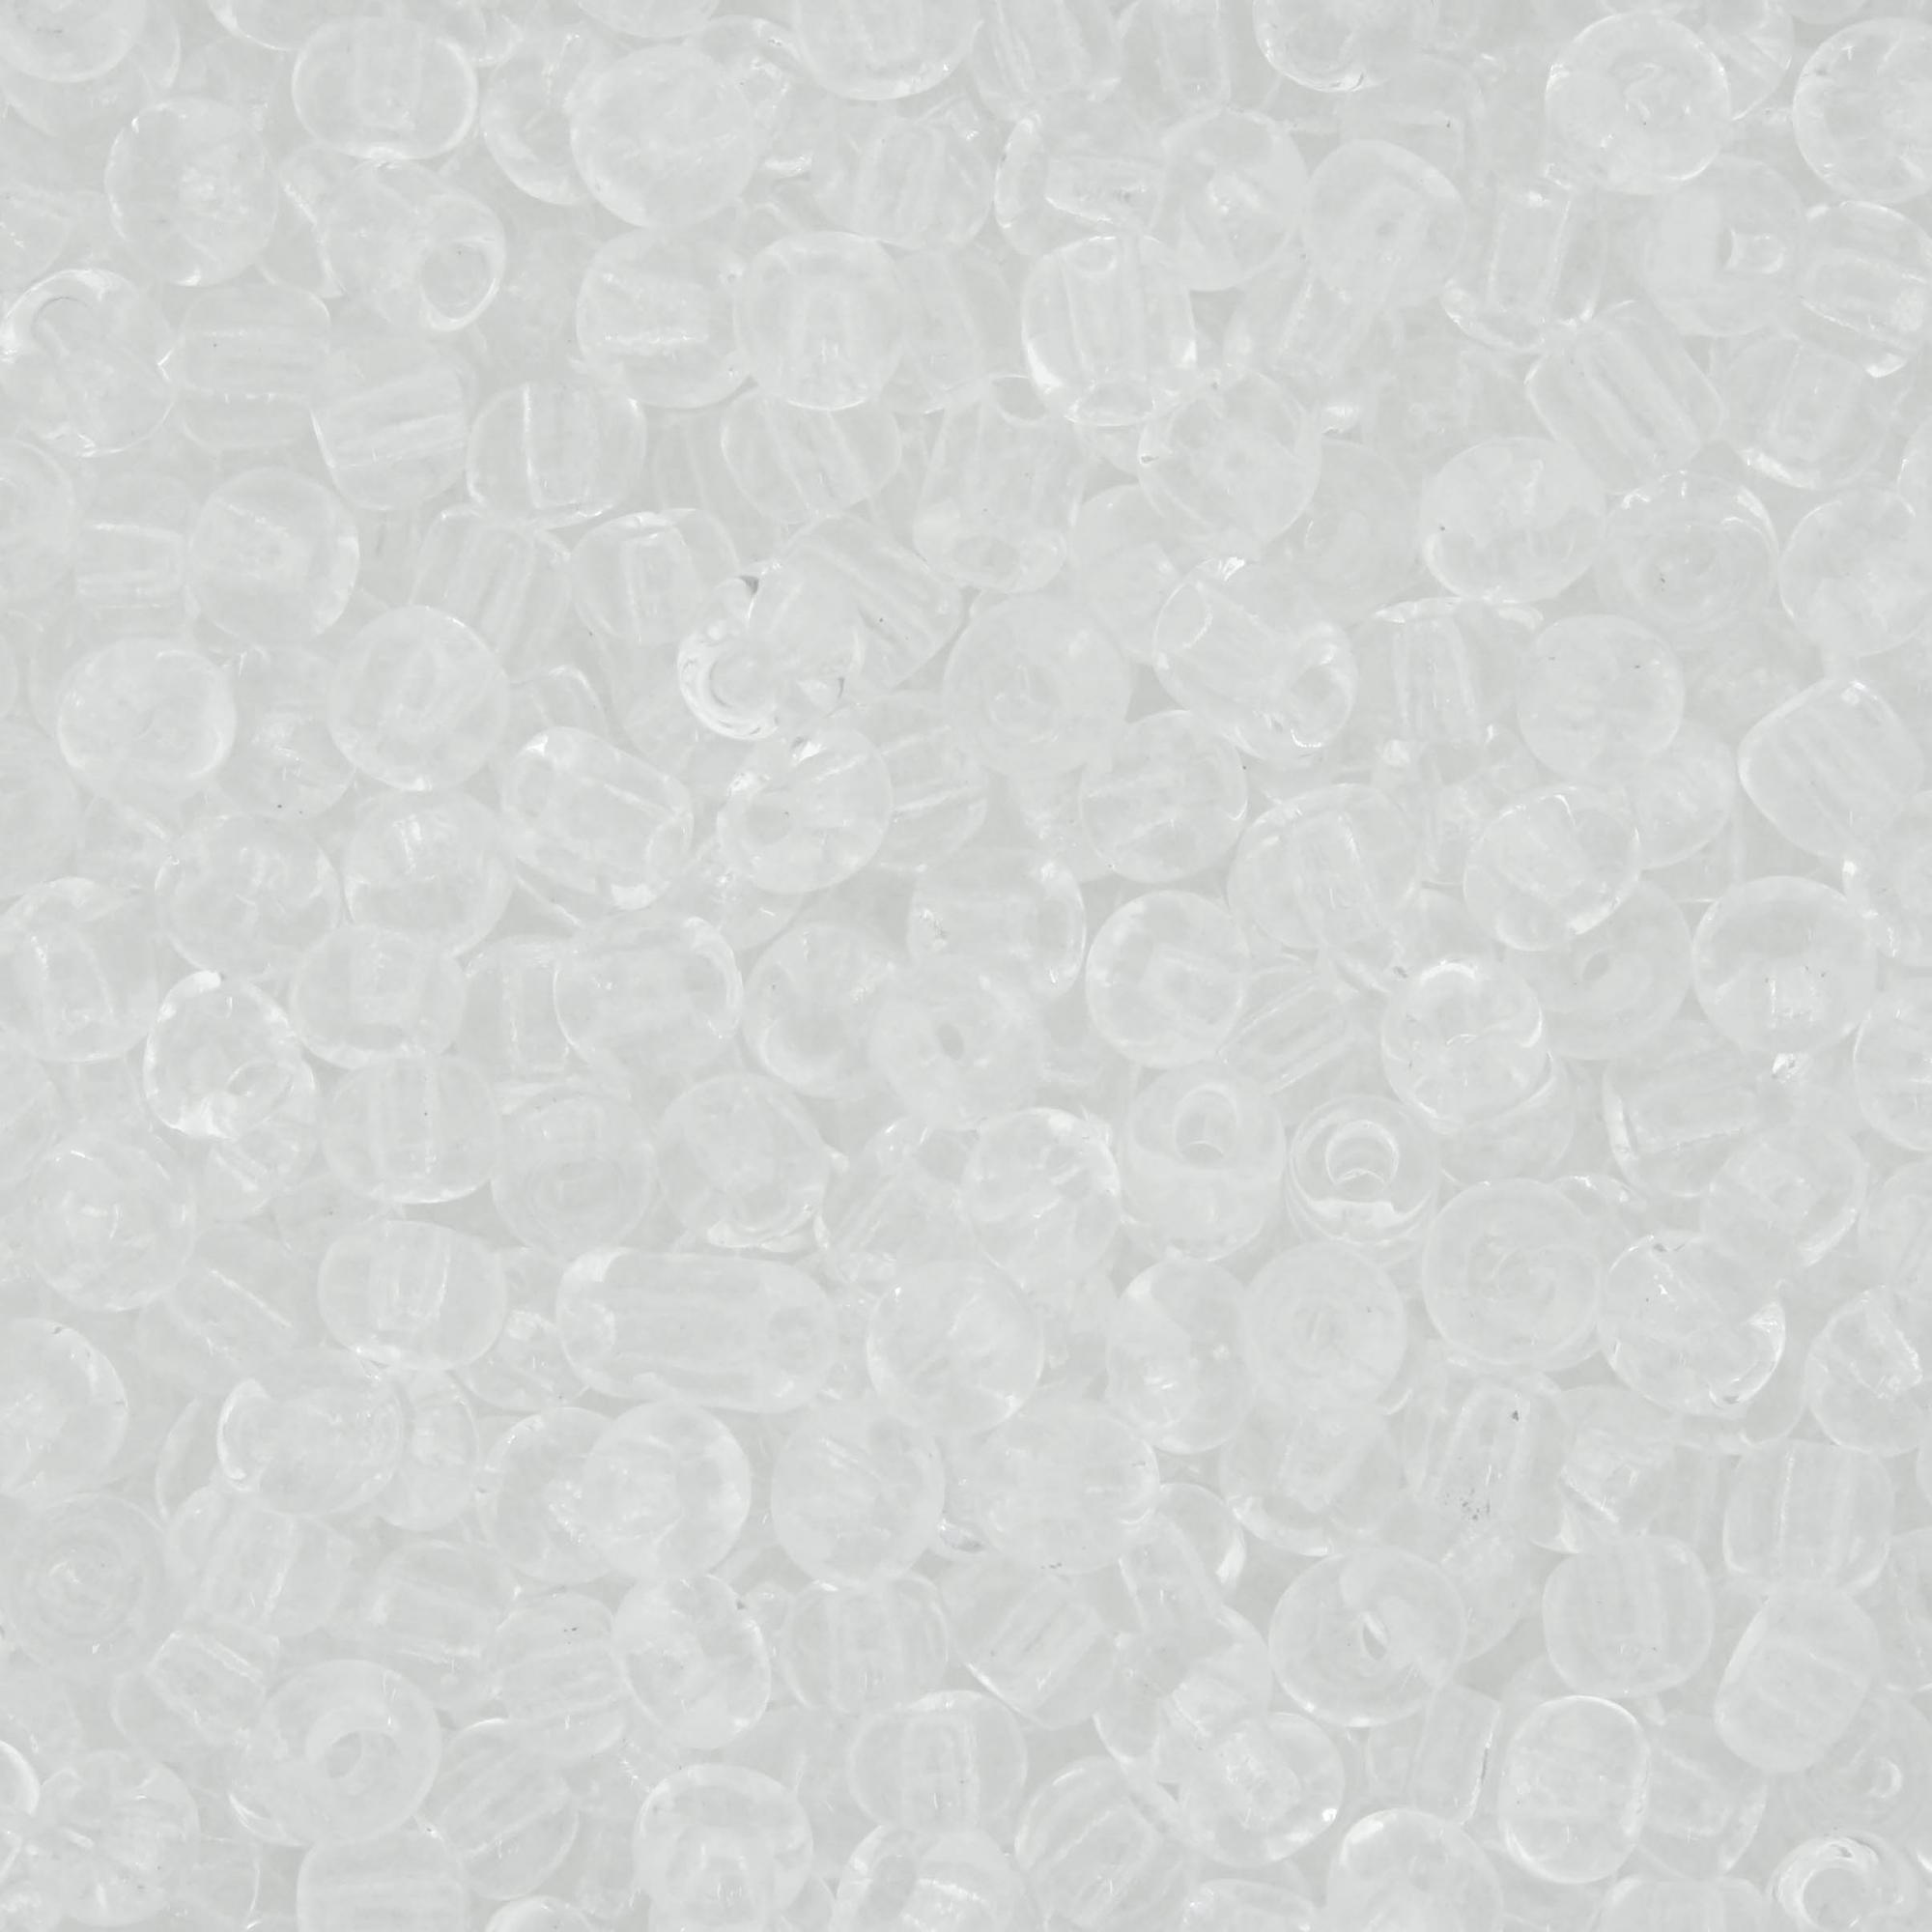 Miçanga - Translúcida - 6/0 [4x3mm]  - Stéphanie Bijoux® - Peças para Bijuterias e Artesanato